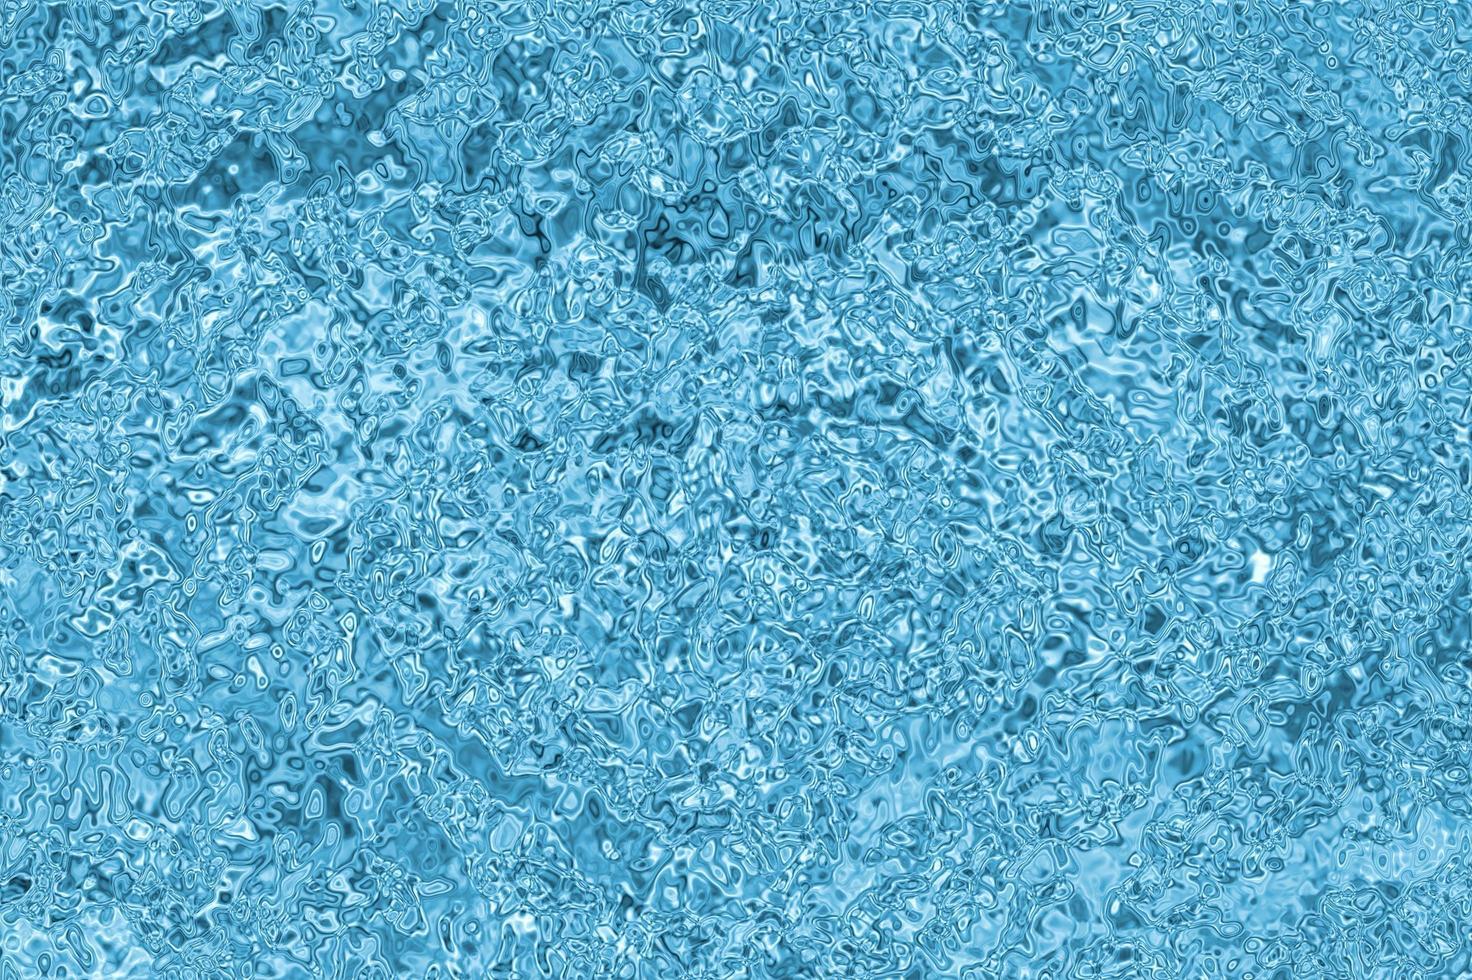 ondulations des gouttelettes de pluie dans la piscine photo